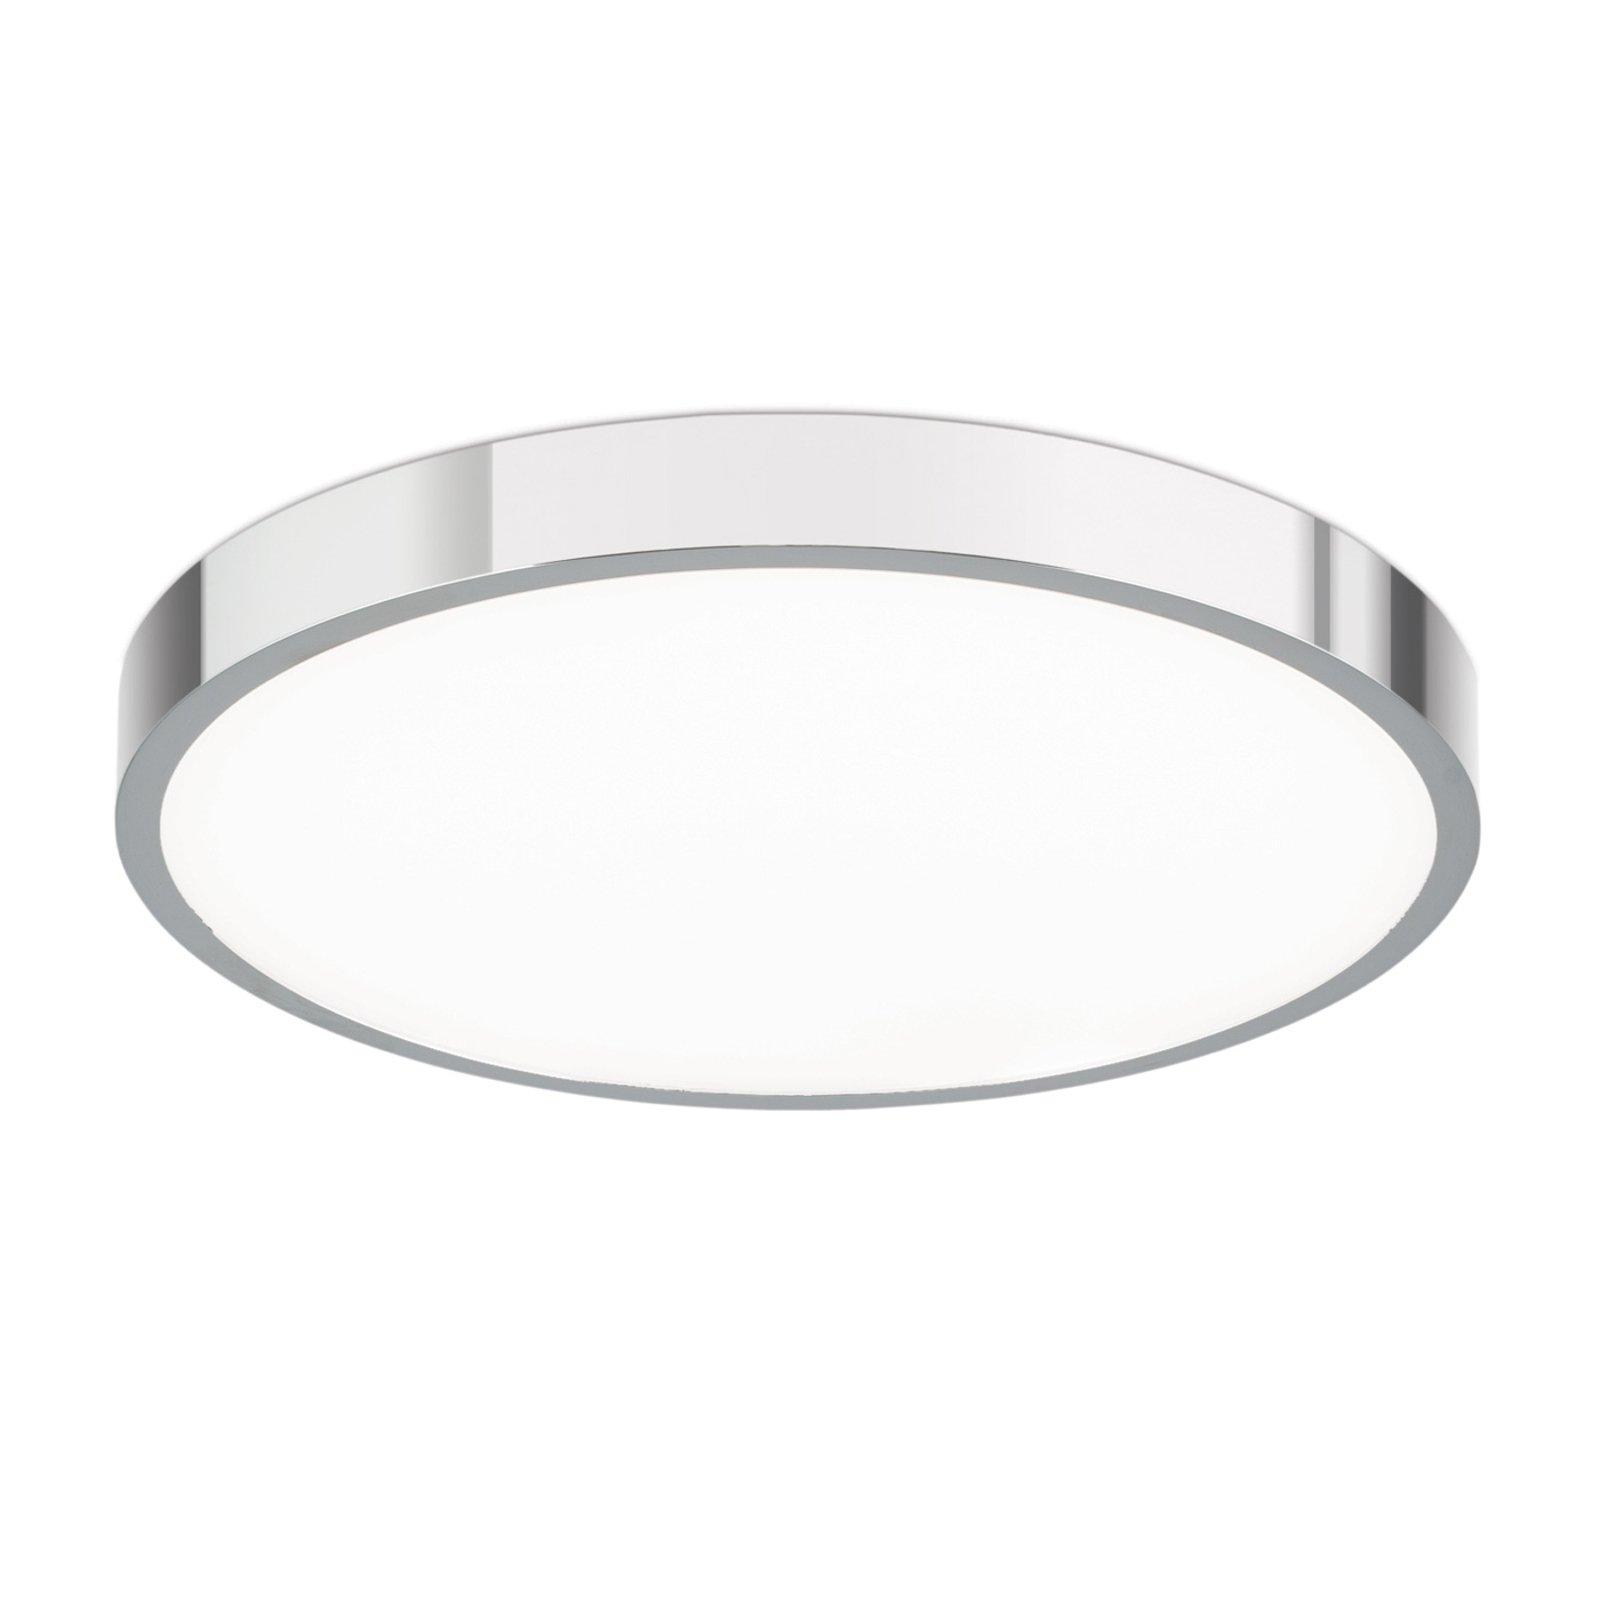 LED-taklampe Bully, krom 24 cm